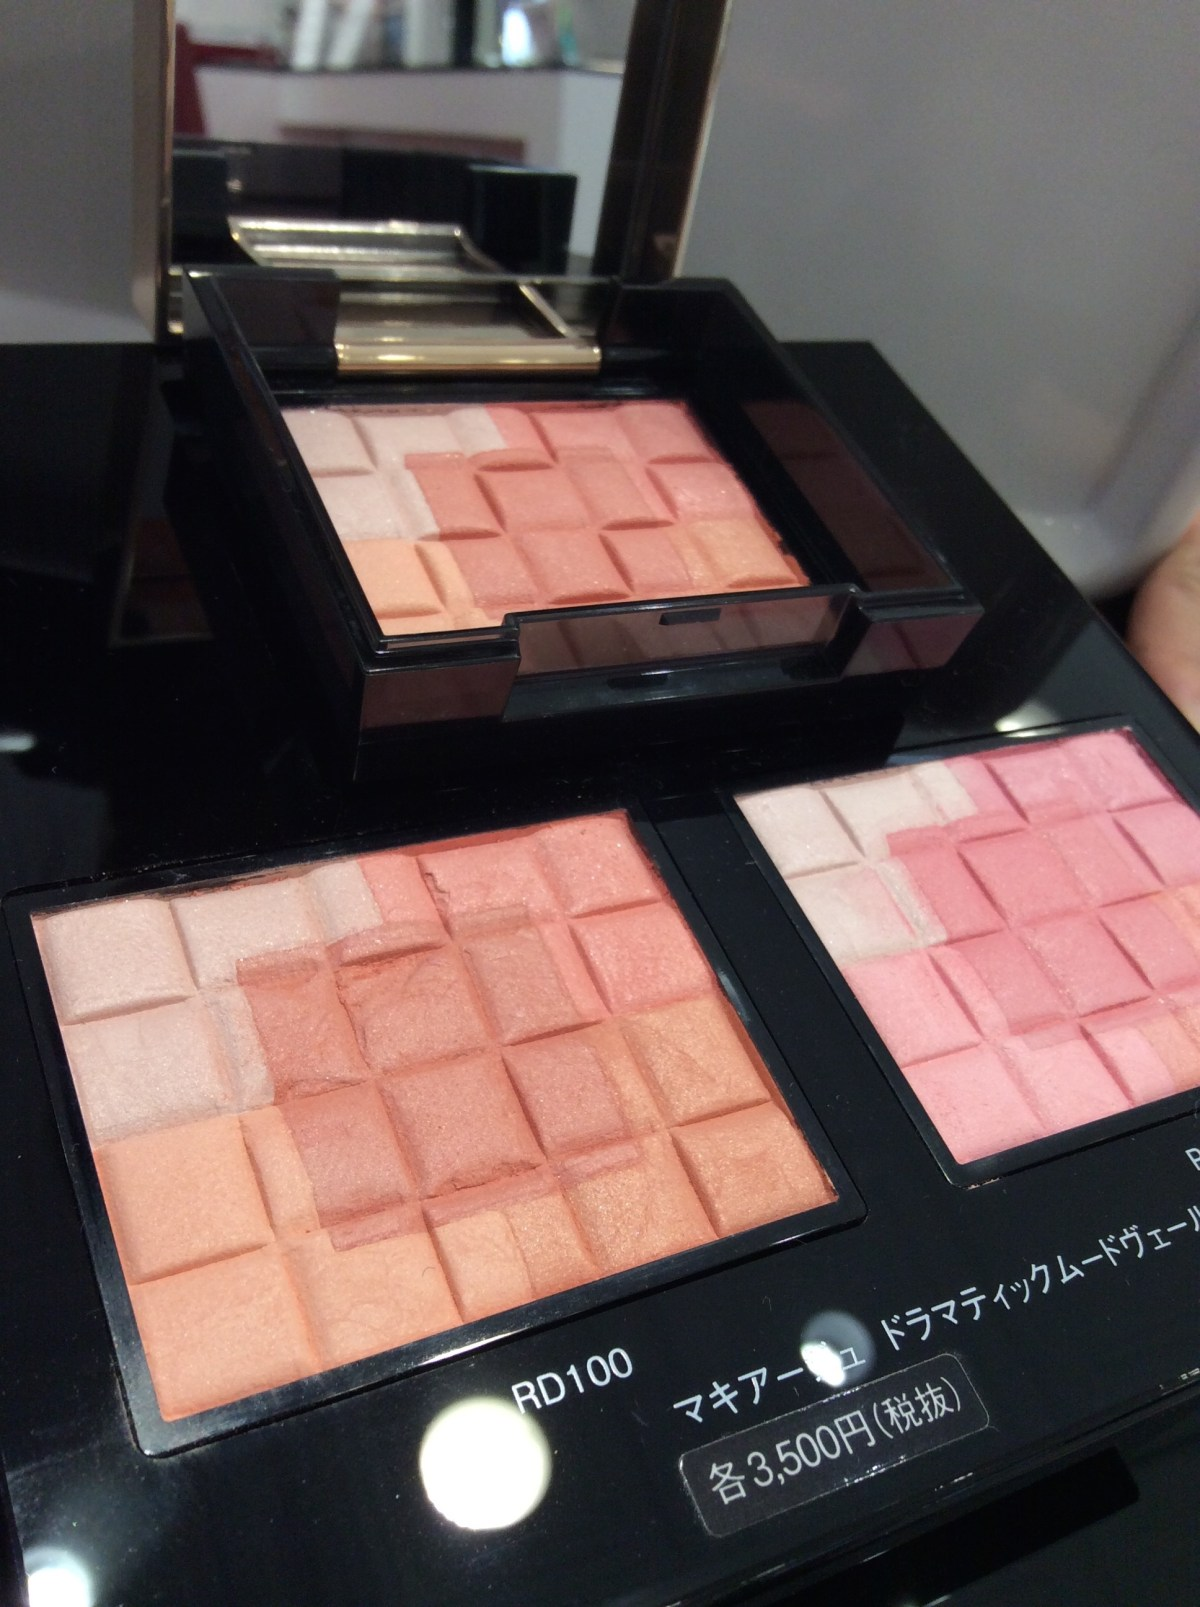 #shiseido #maquillage PK200 BD100 (3500 yen before tax each)